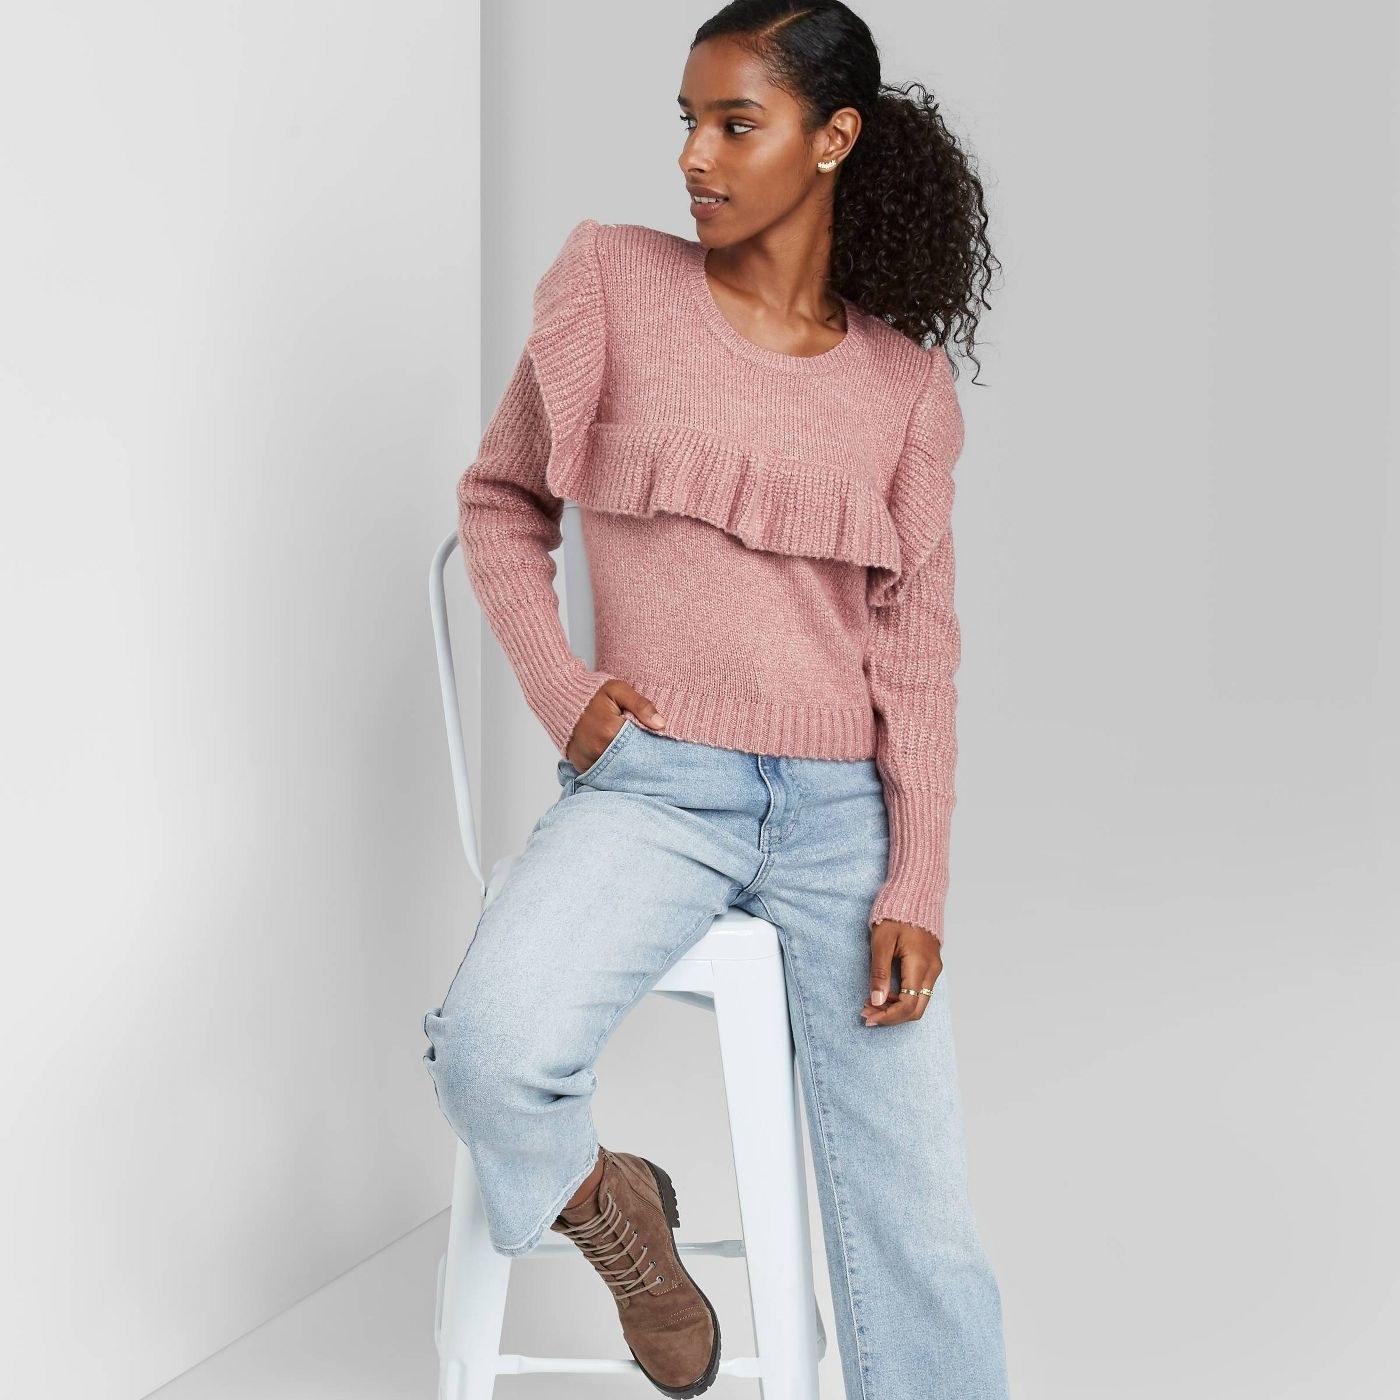 Model in crewneck ruffle sweater